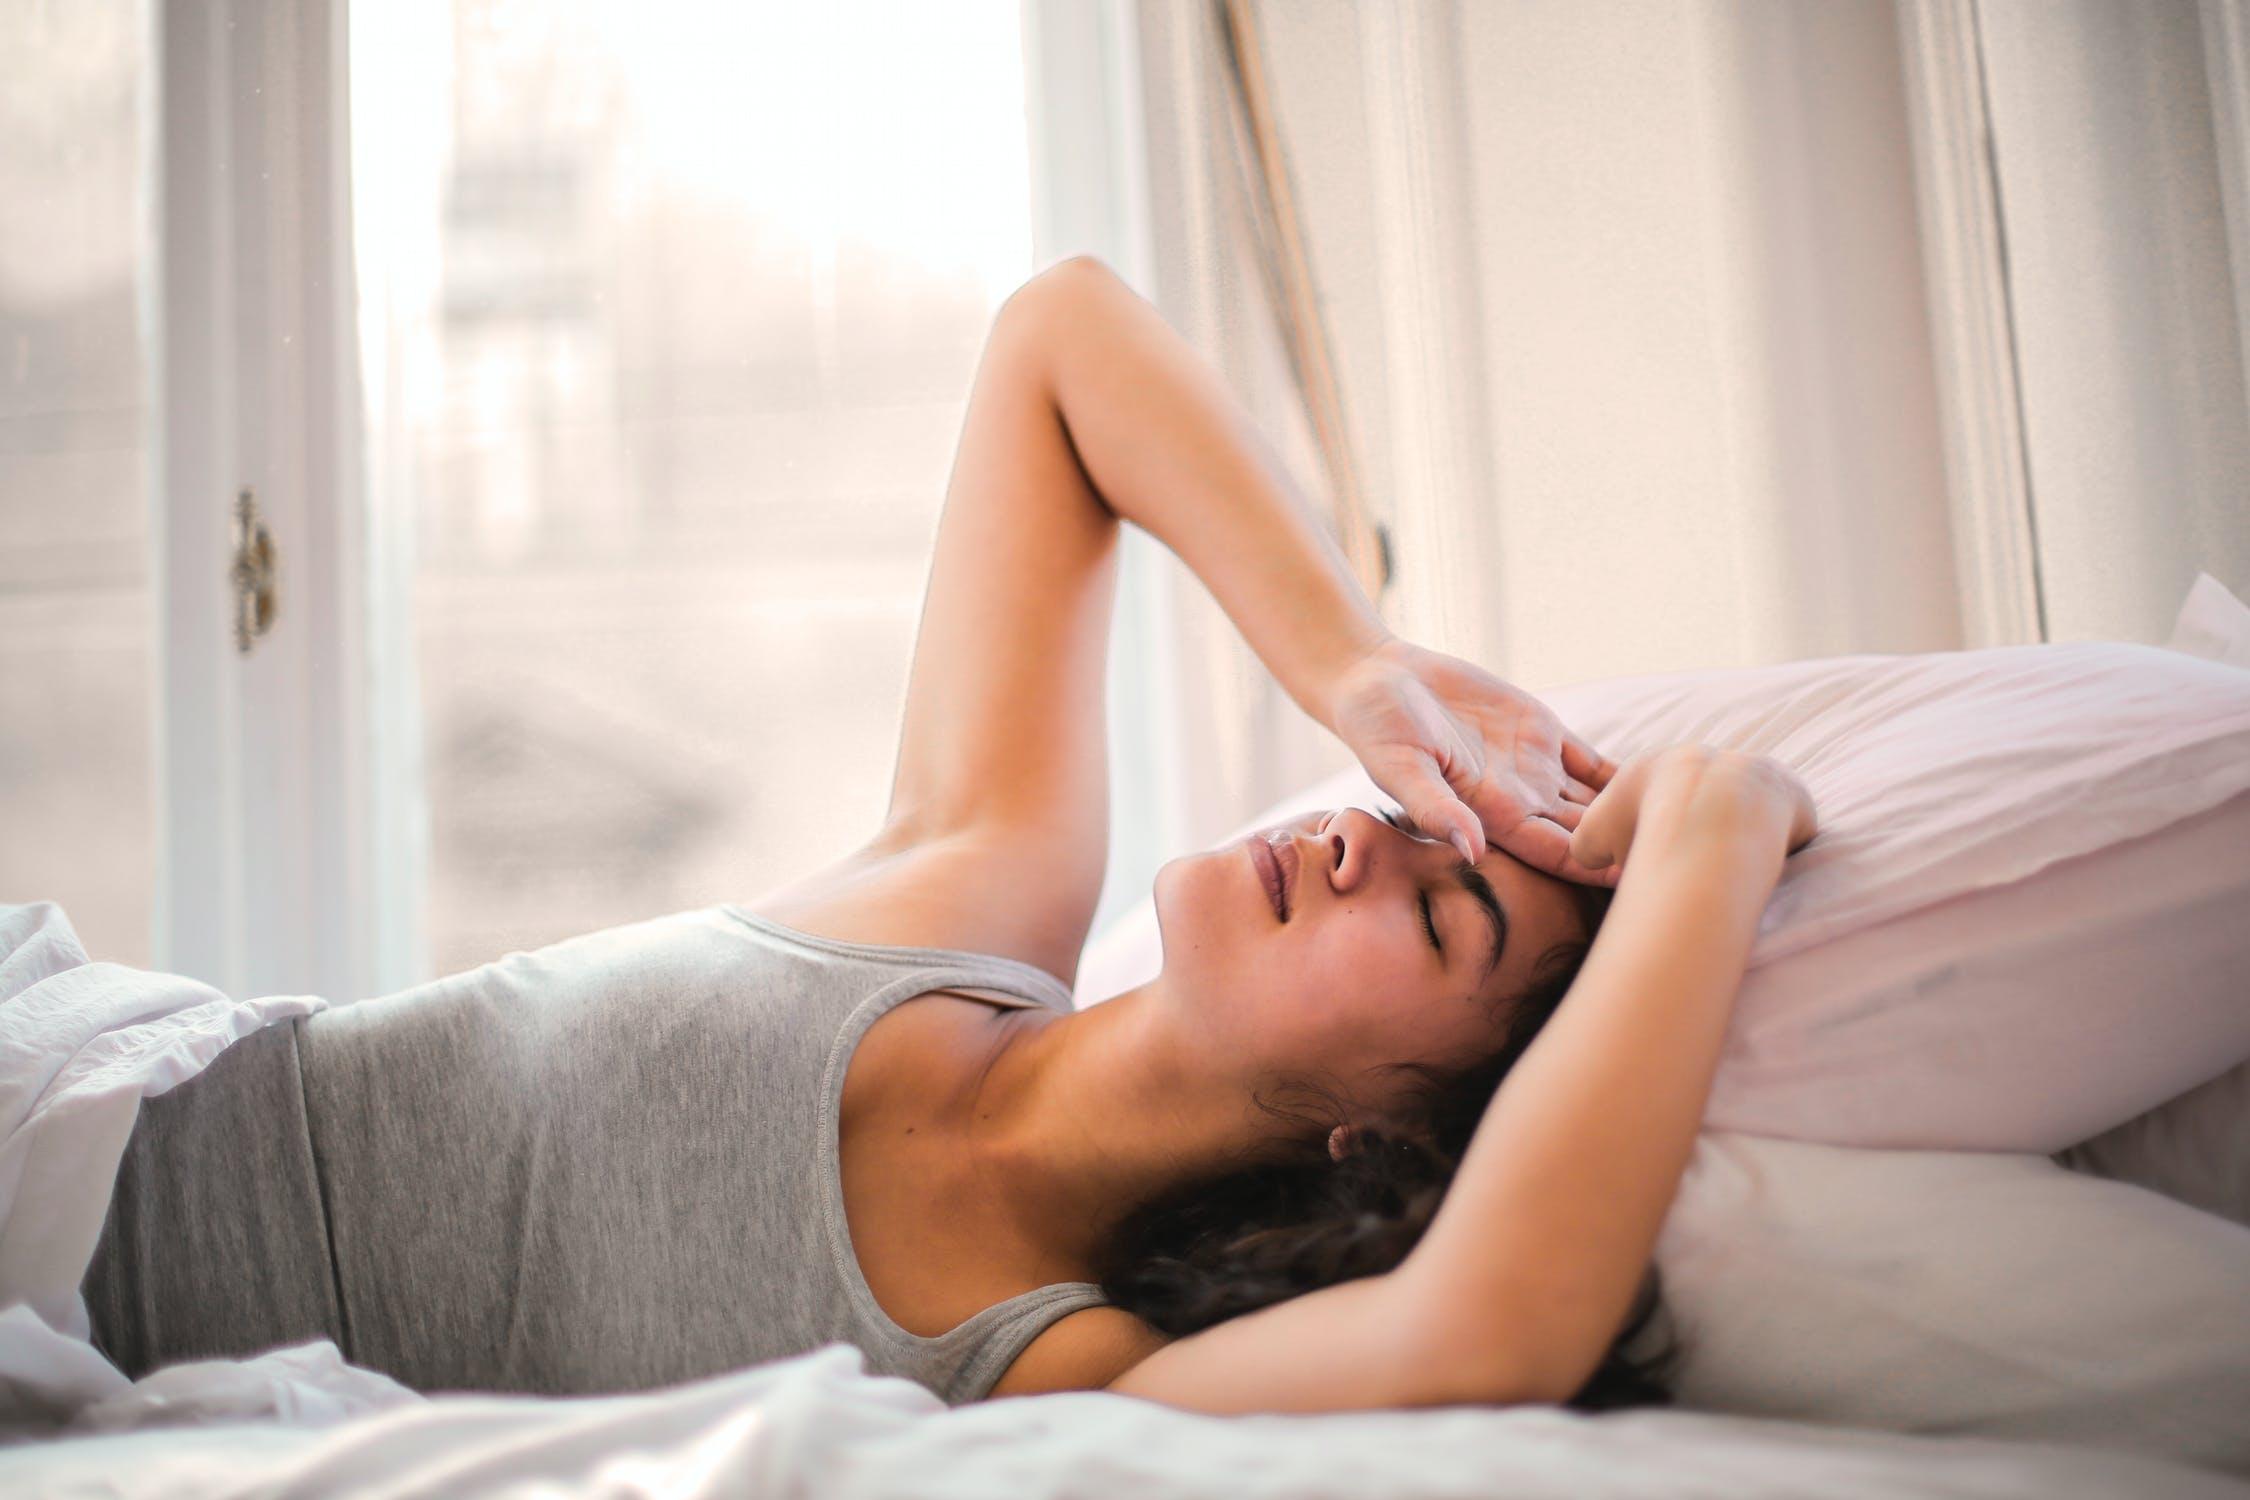 产后满月发汗,产后出汗吃什么改善?